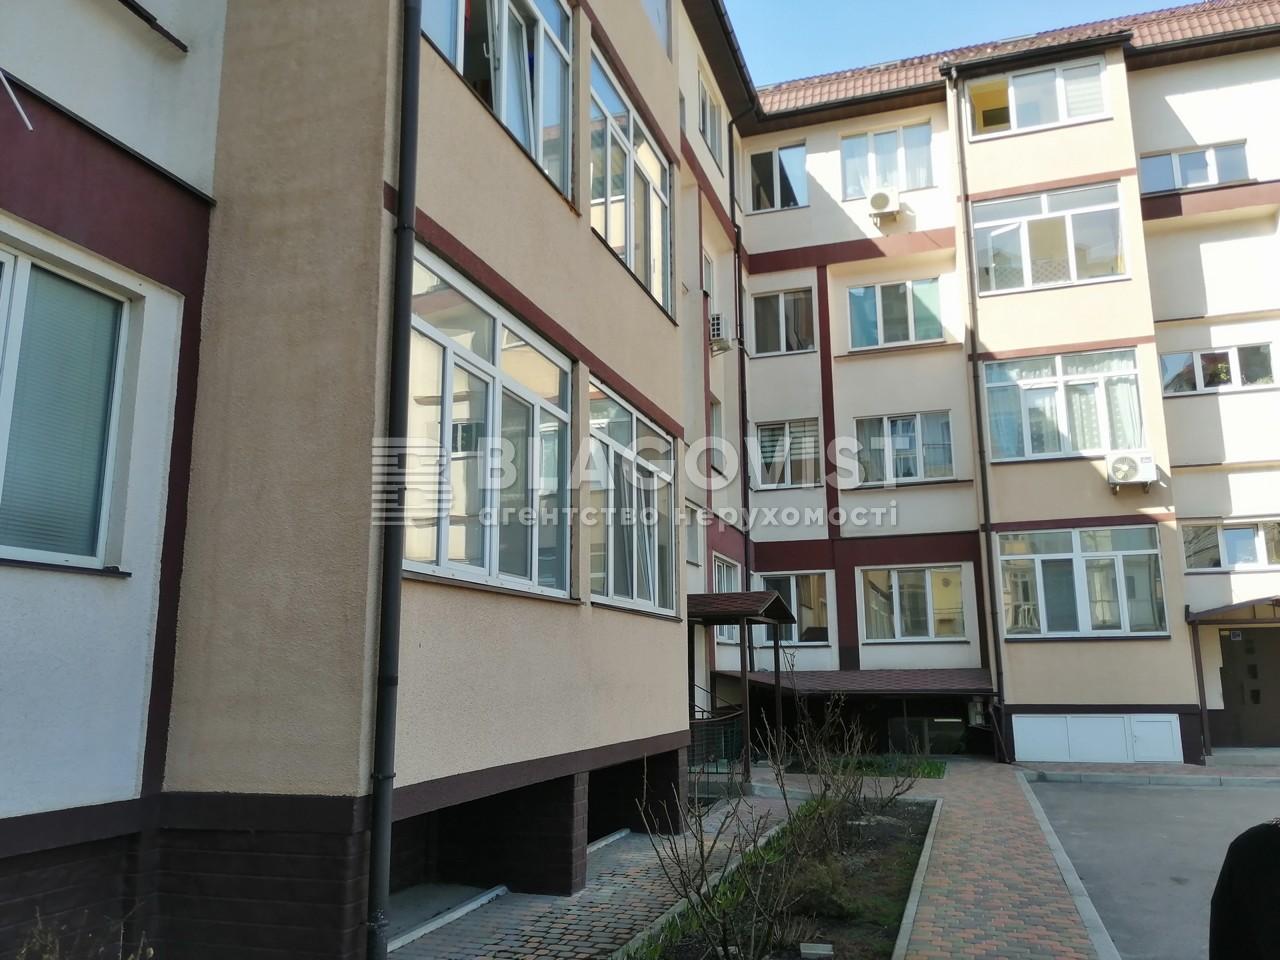 Квартира A-110635, Вильямса Академика, 2г, Киев - Фото 3